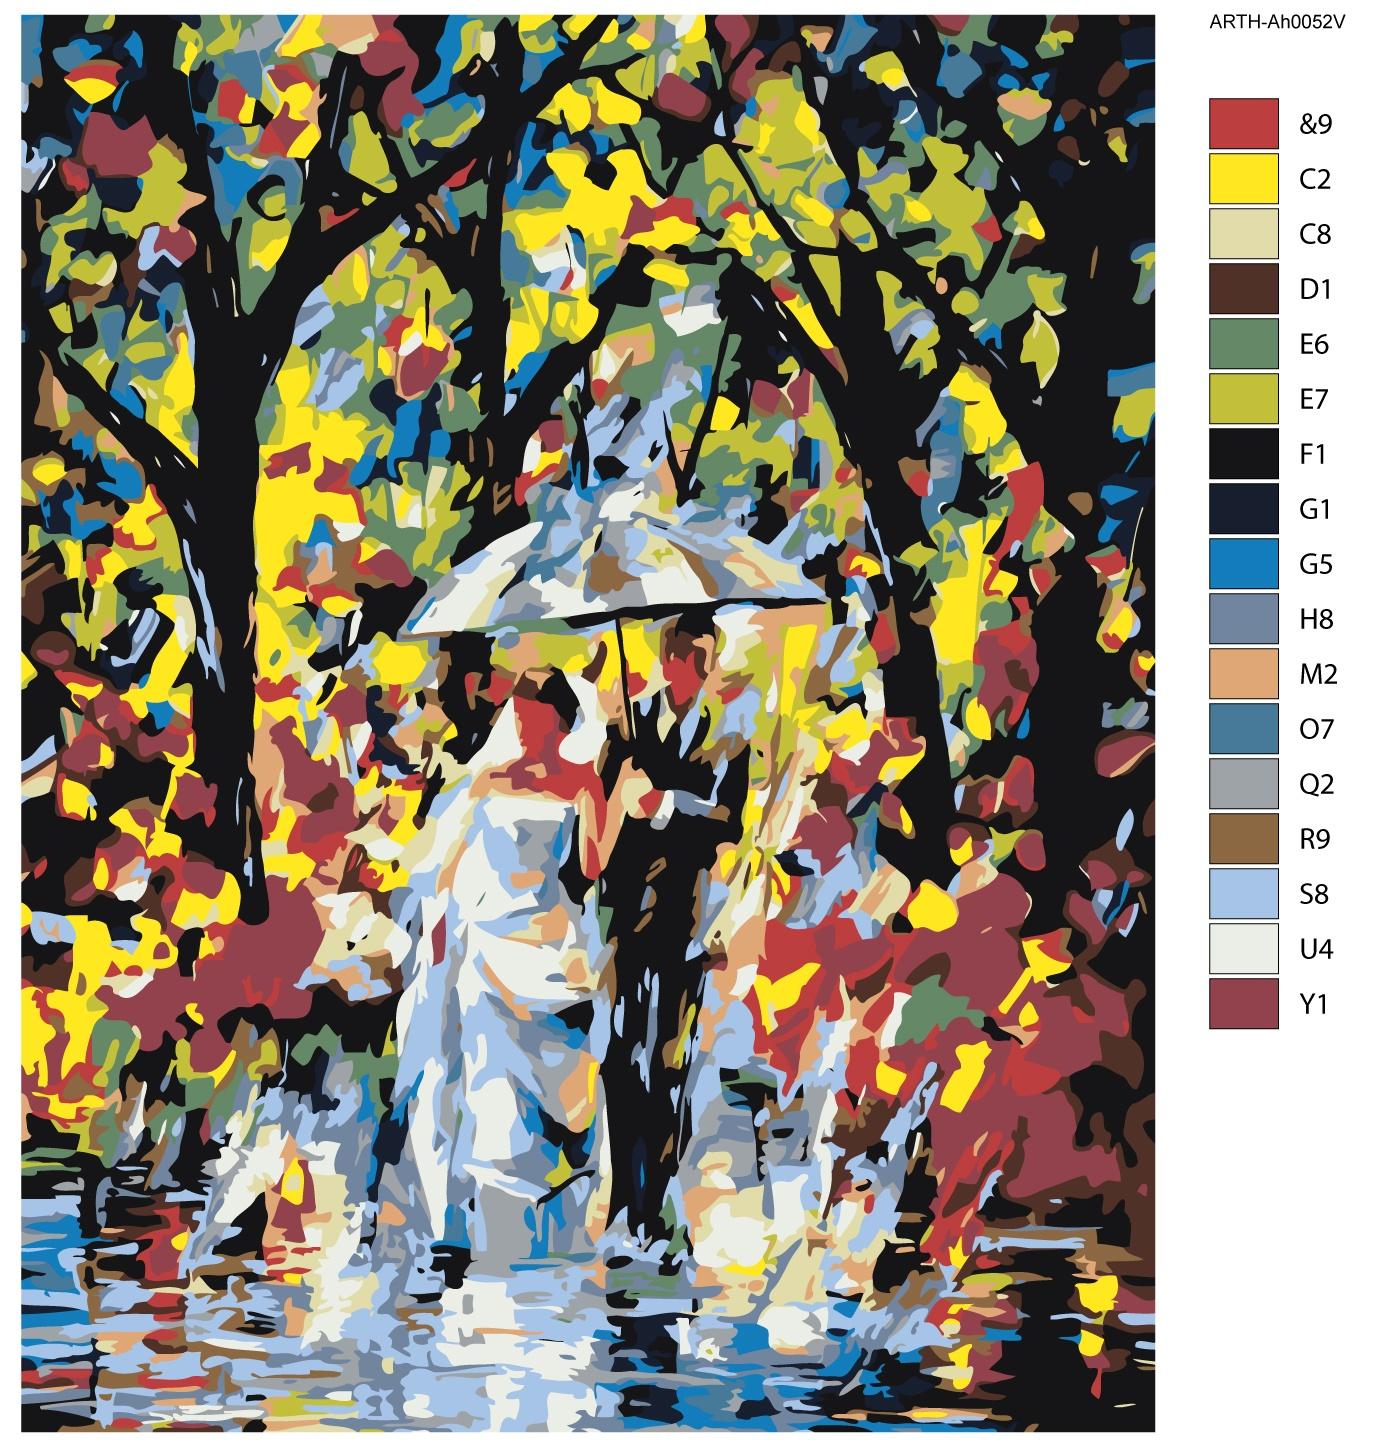 Картина по номерам, 80 x 100 см, ARTH-Ah0052V